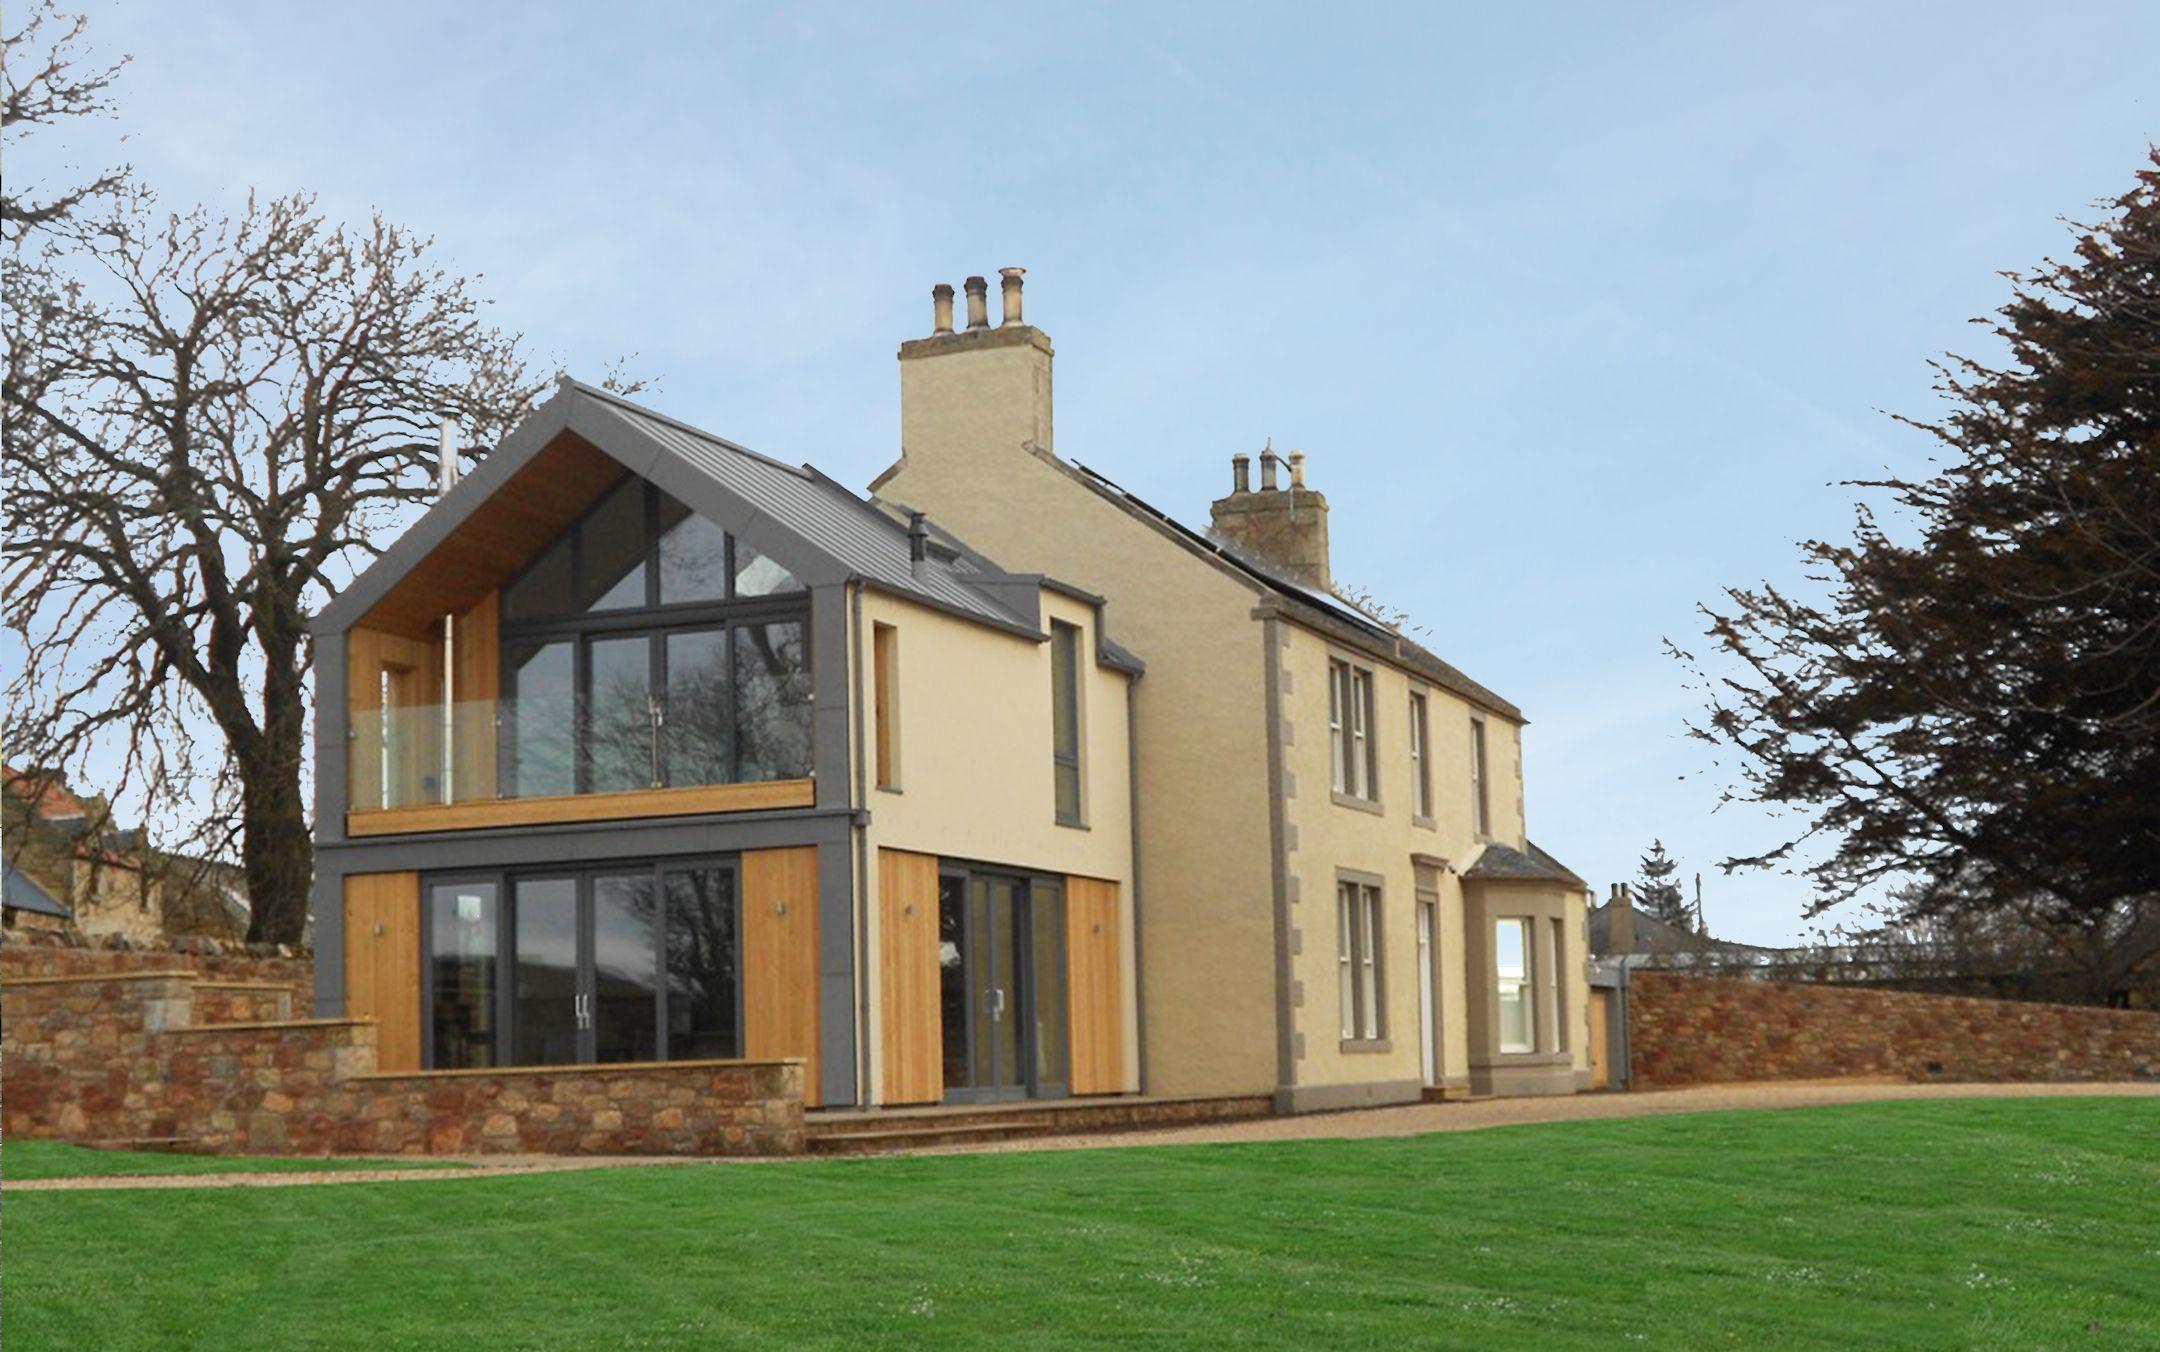 Farmhouse Main Image Jpg 2 160 1 352 Pixels House Extension Plans House Extensions Building A House